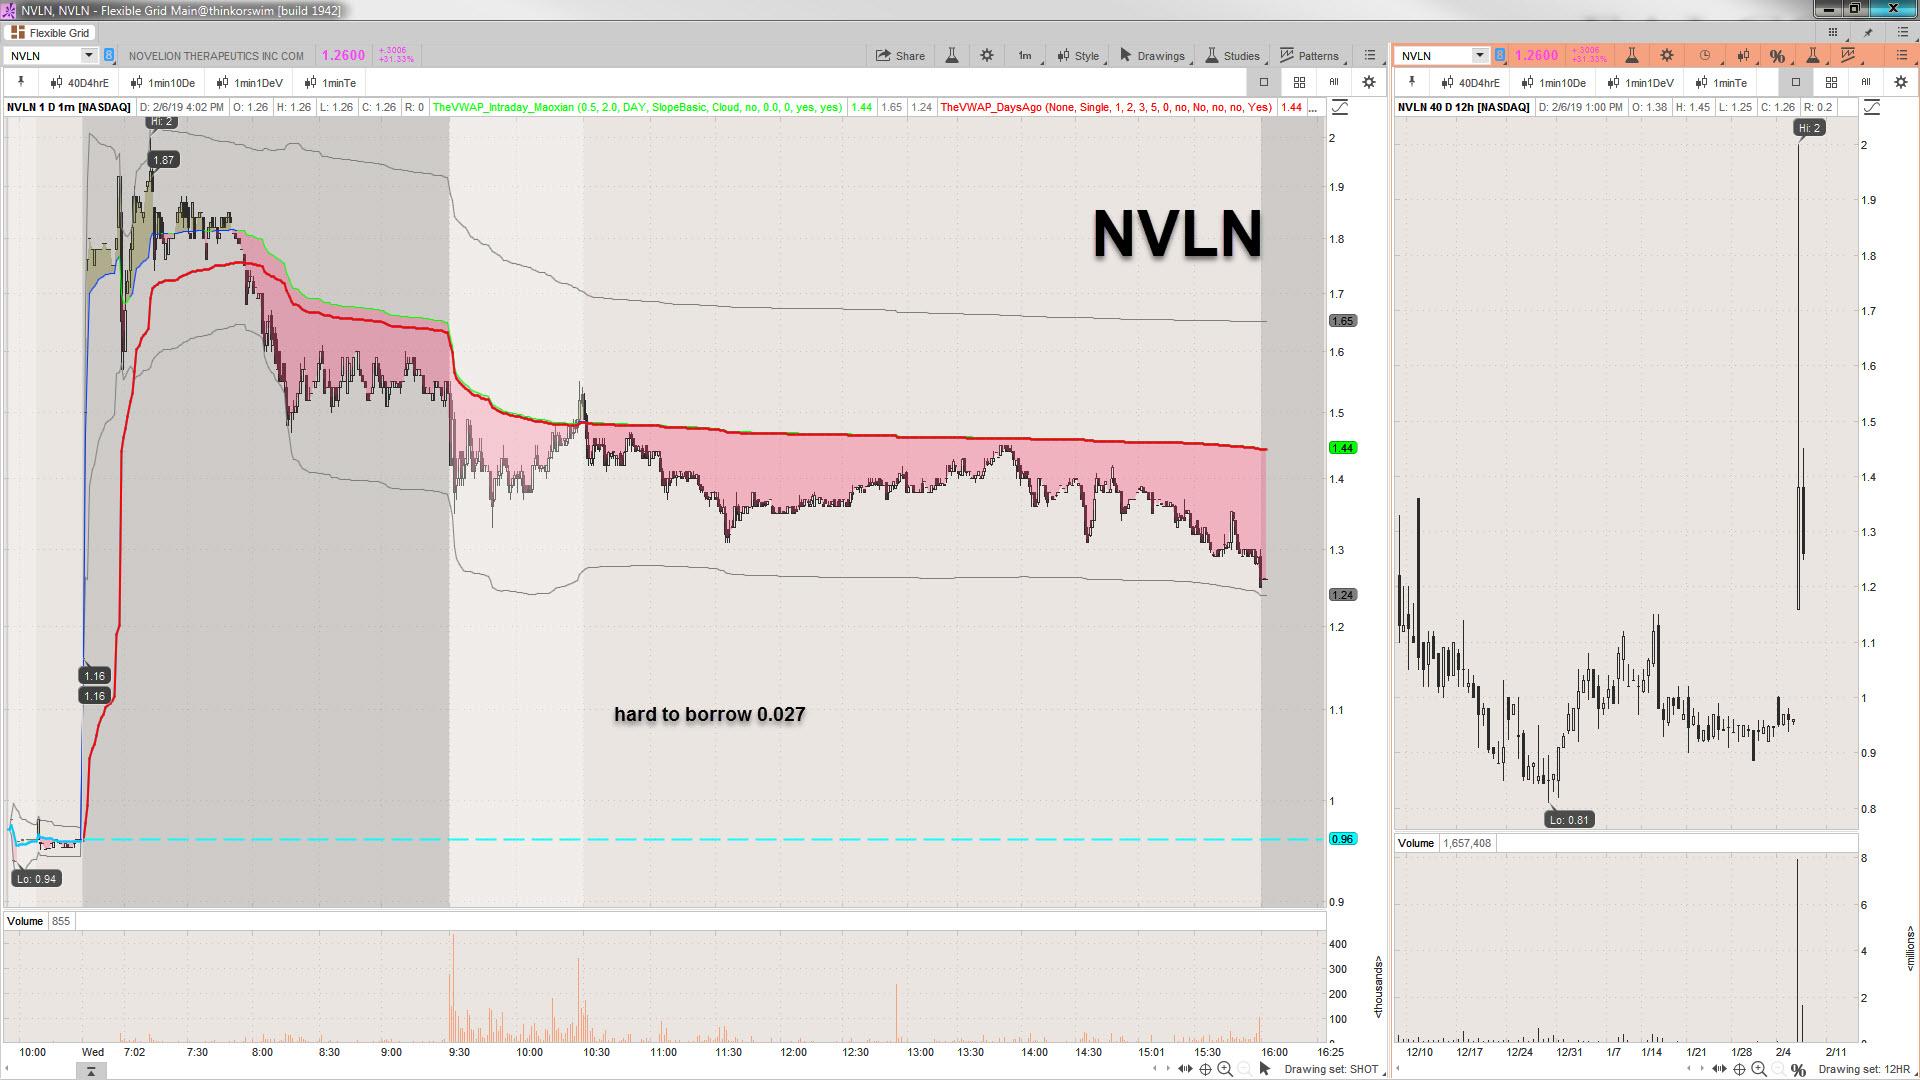 2019-02-06_16-05-42 NVLN.jpg